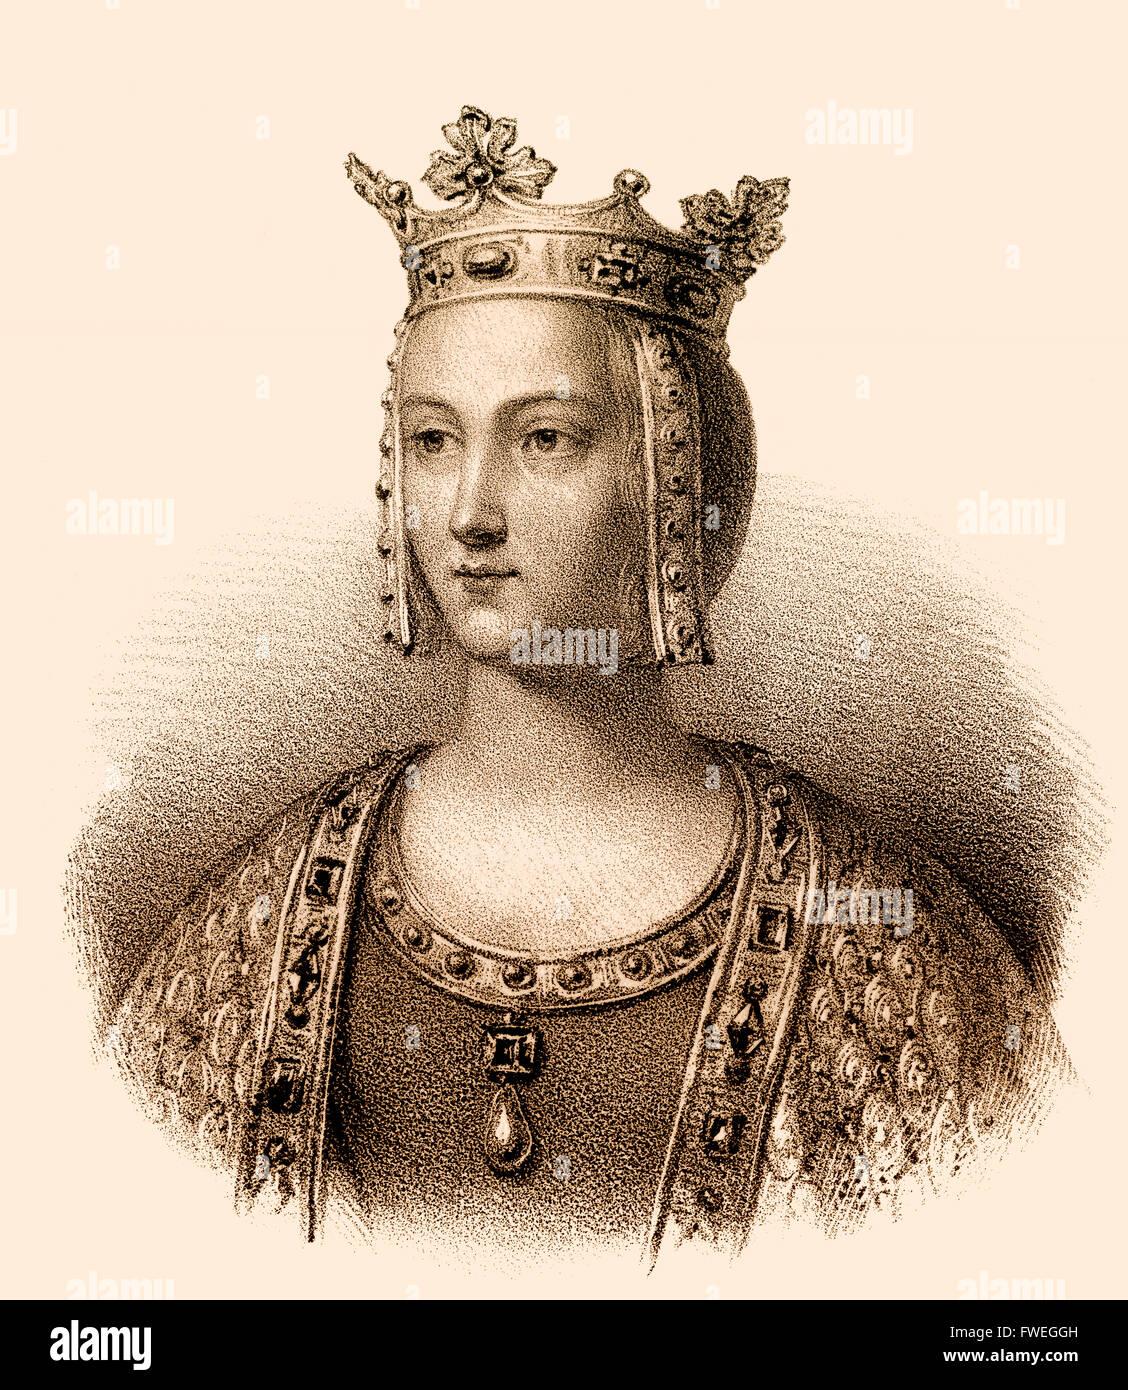 Isabella de Leon (b. 1994)